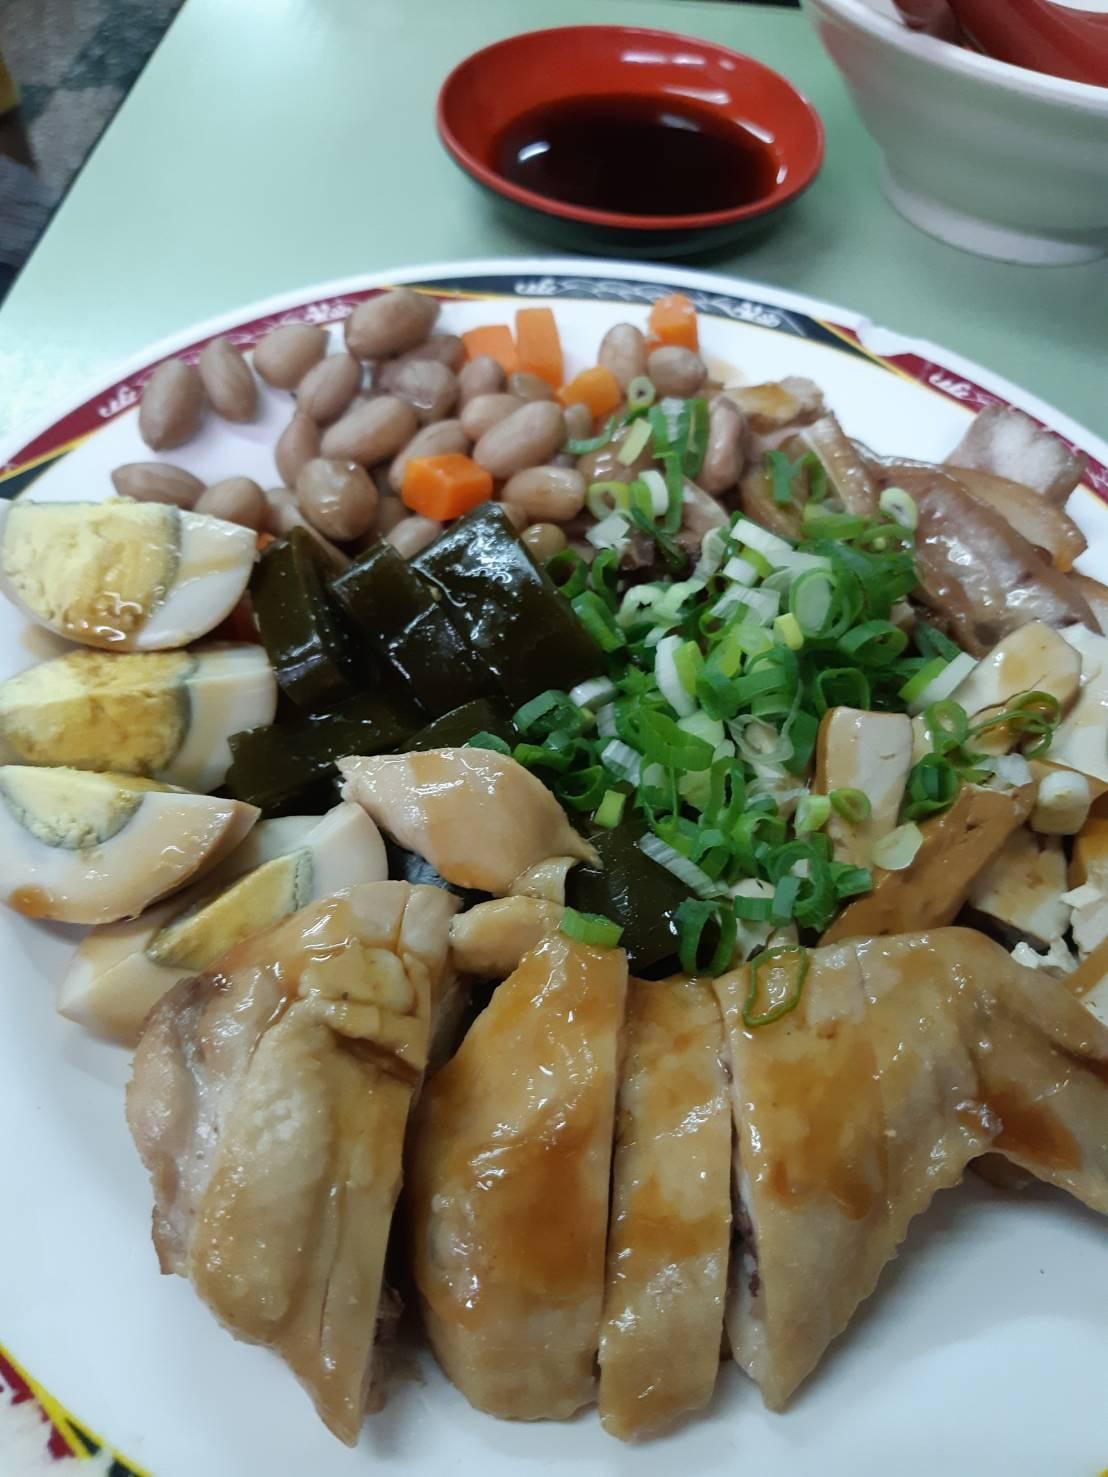 北投非常顯眼的「吳家牛肉麵」小菜豐盛。圖/讀者提供